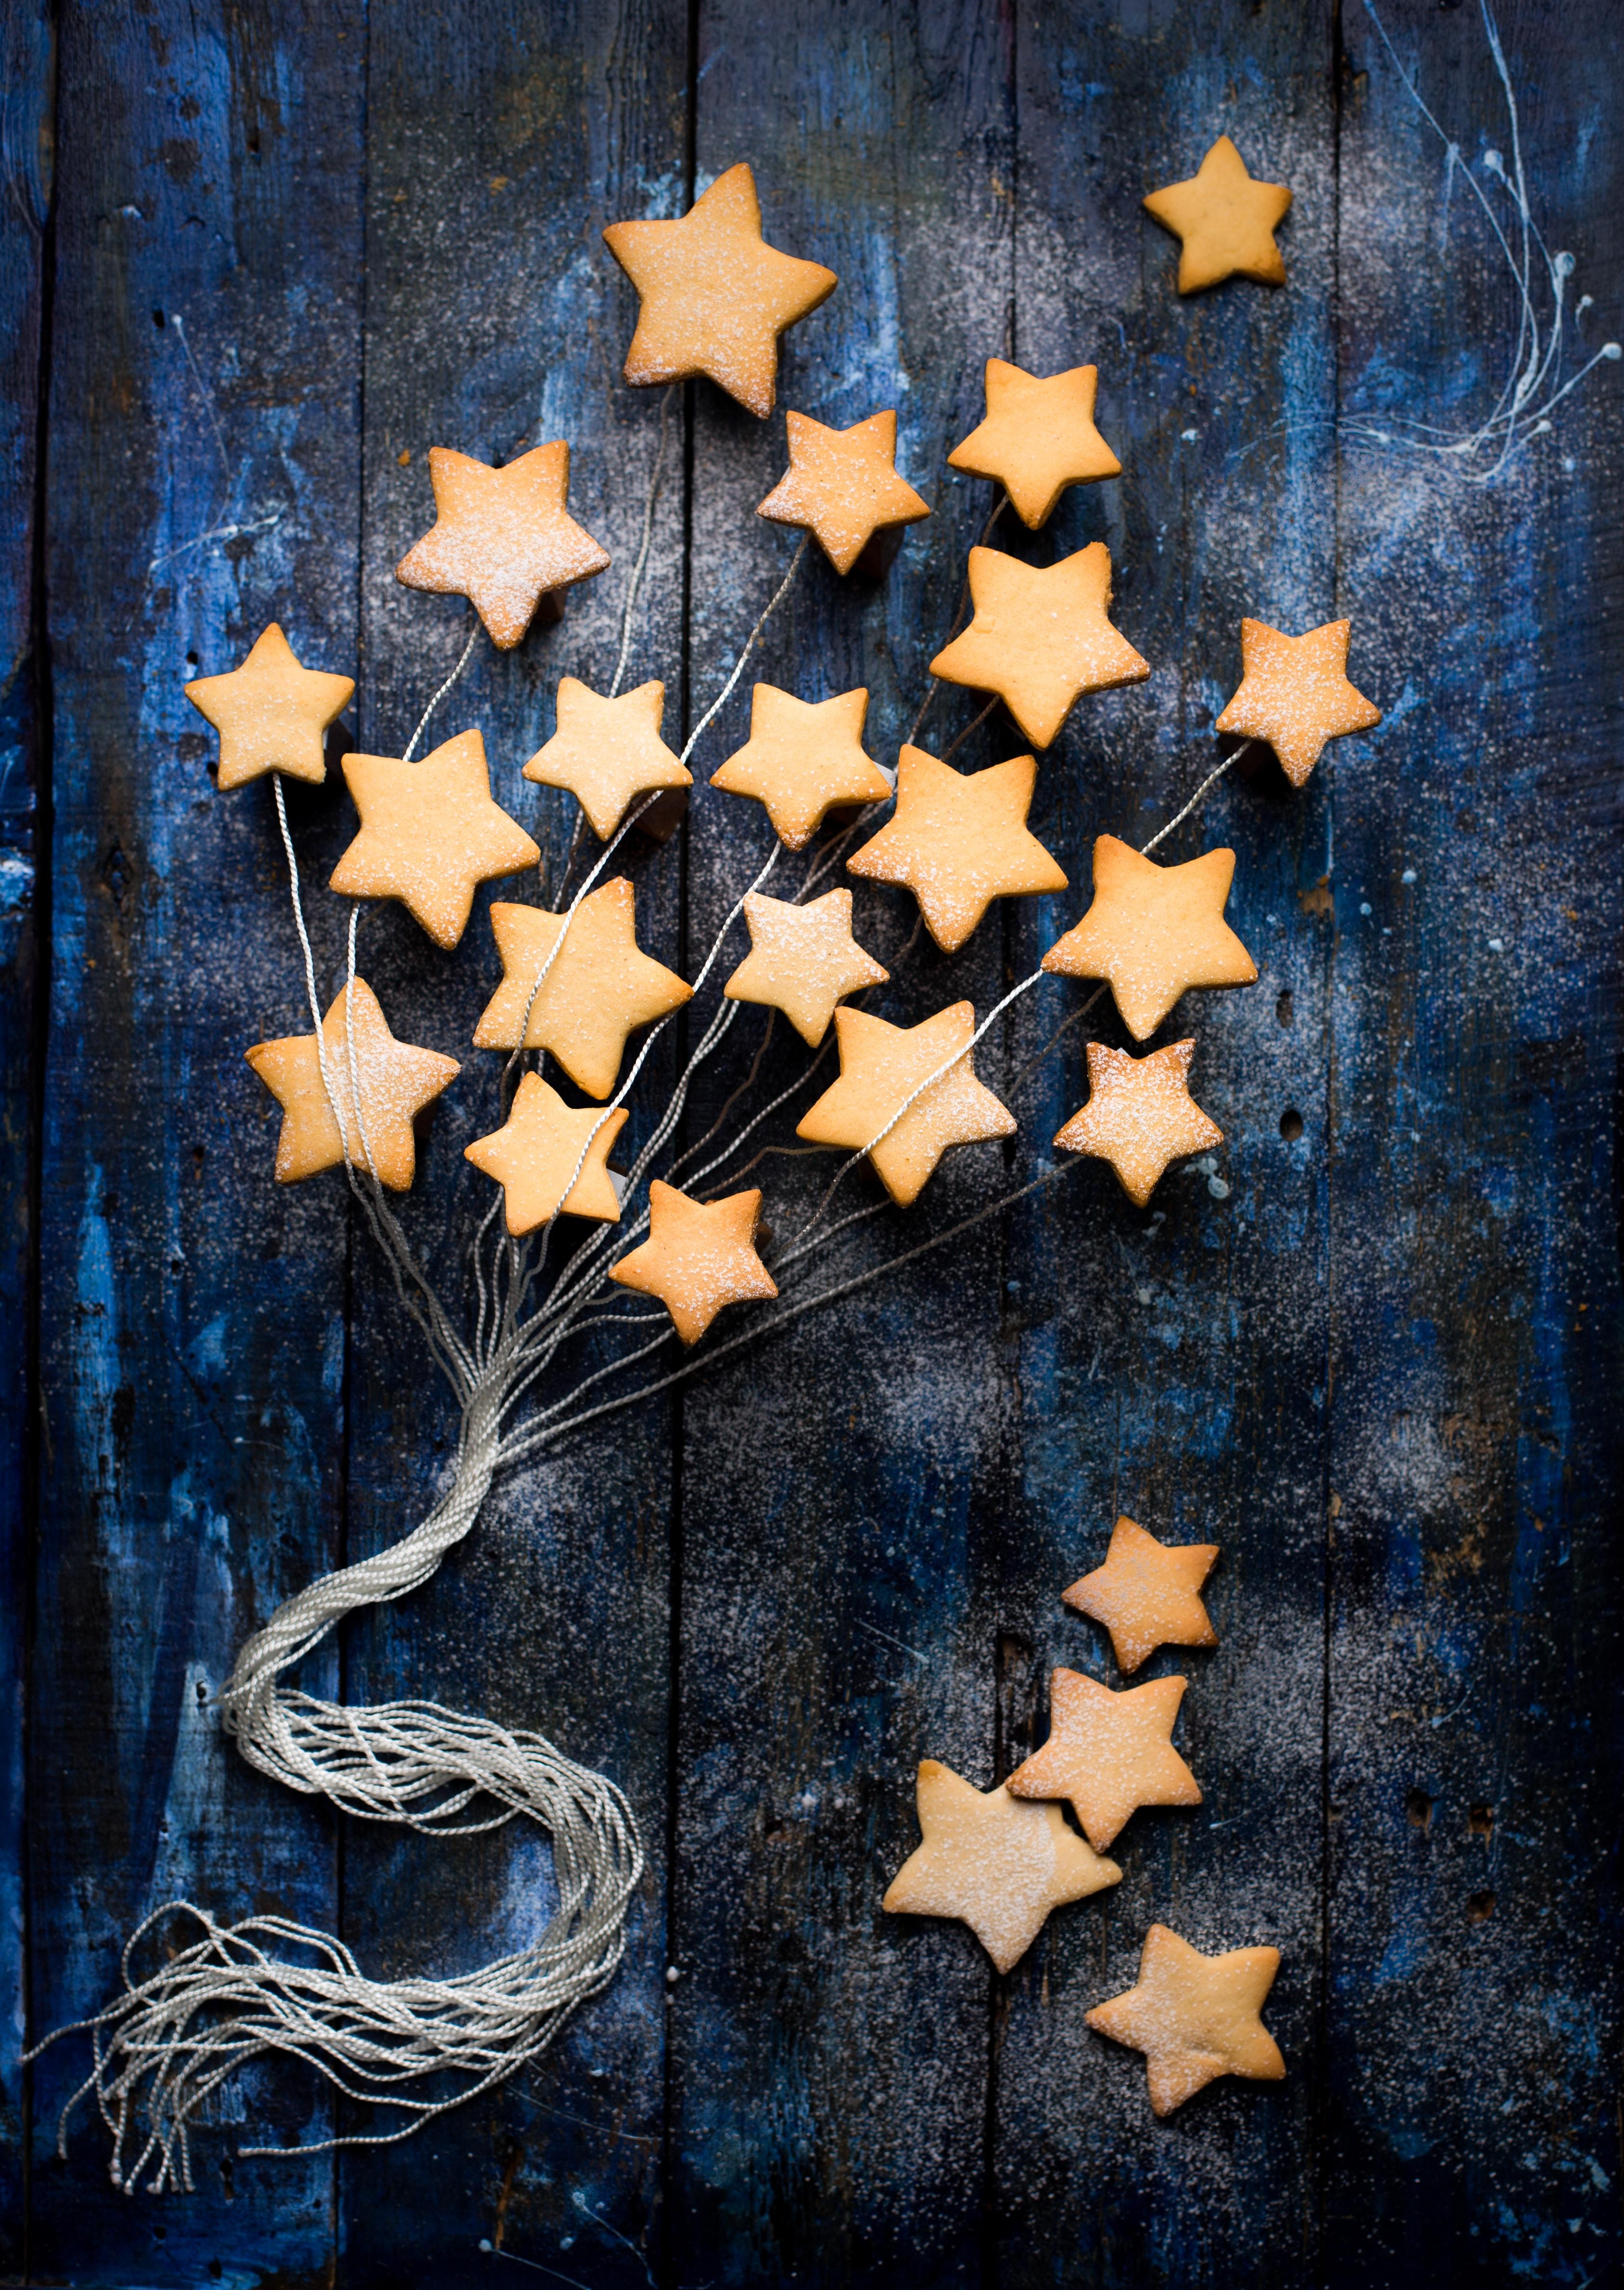 153745 скачать обои Еда, Печенье, Выпечка, Сладкое, Звезды - заставки и картинки бесплатно